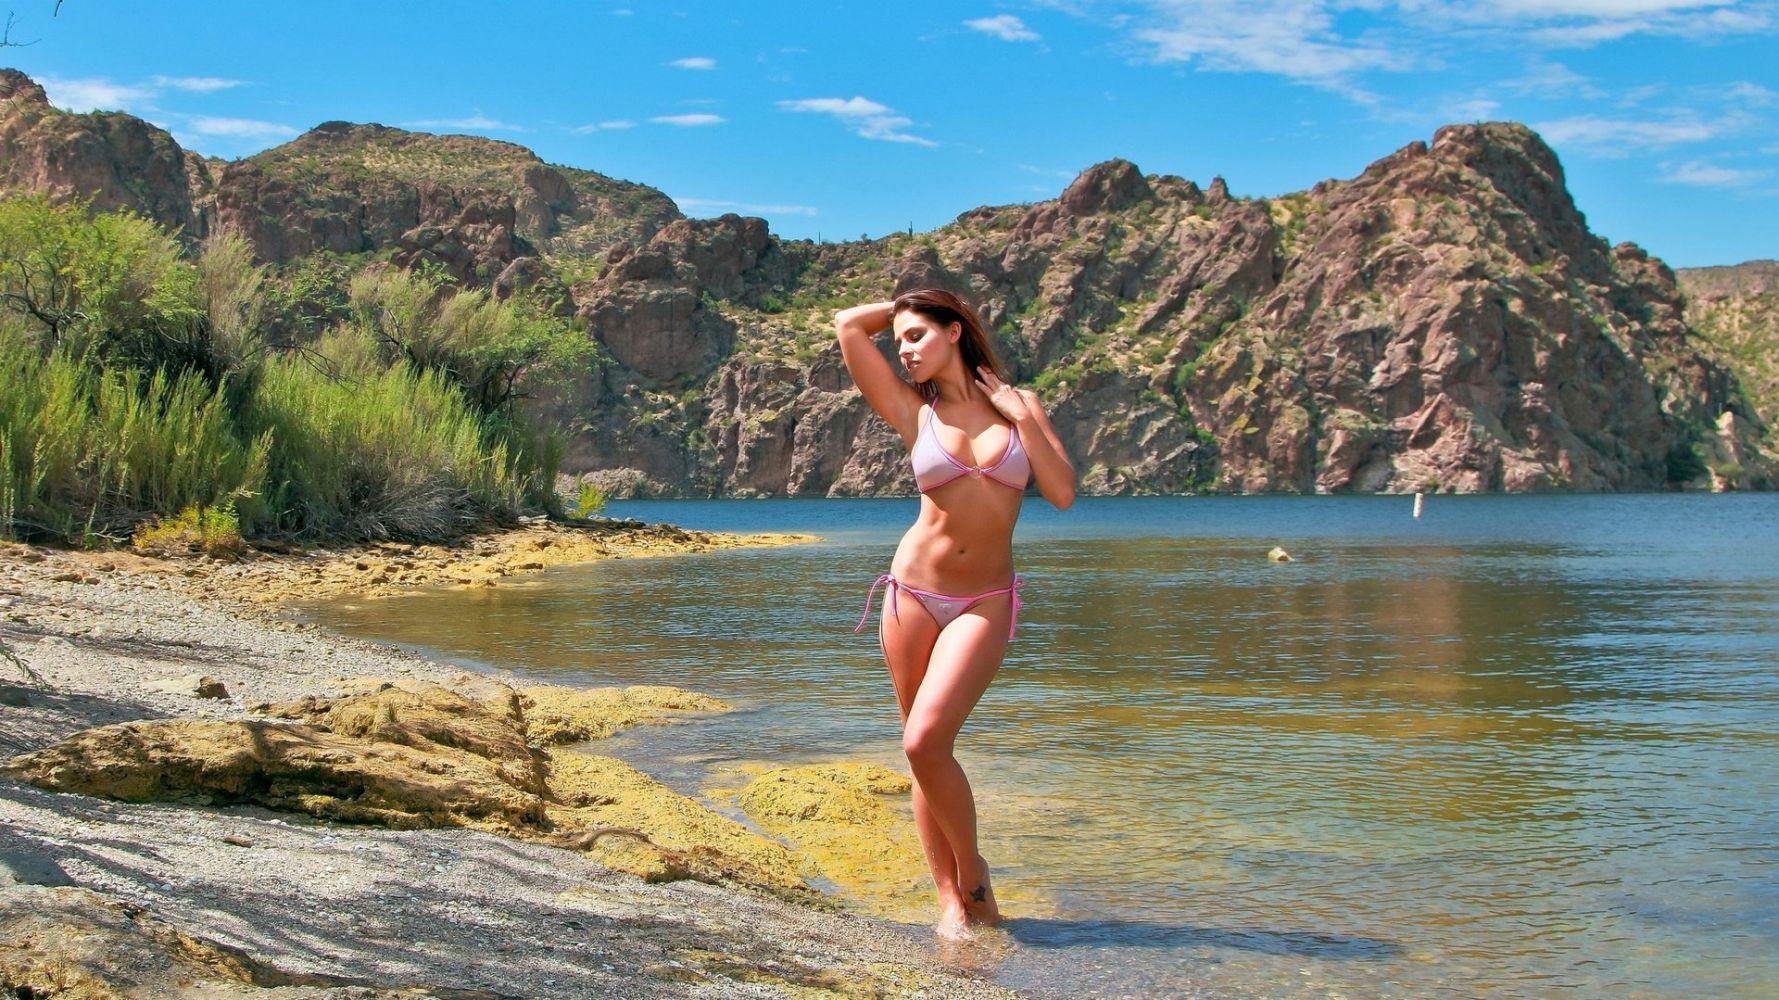 частное фото красивые девушки из греции на пляже